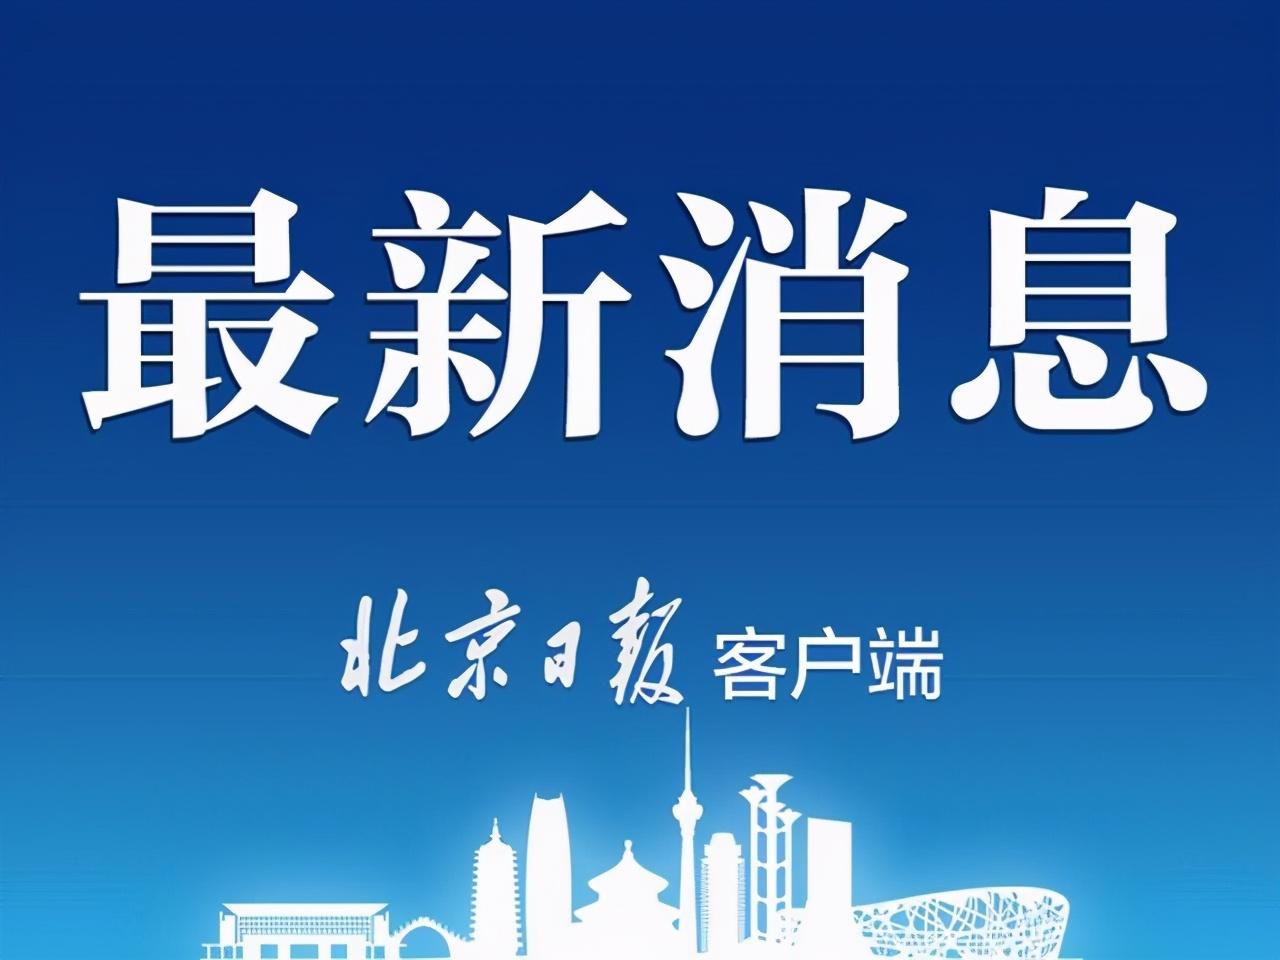 目前北京空气质量已达良好,北风带来大降温